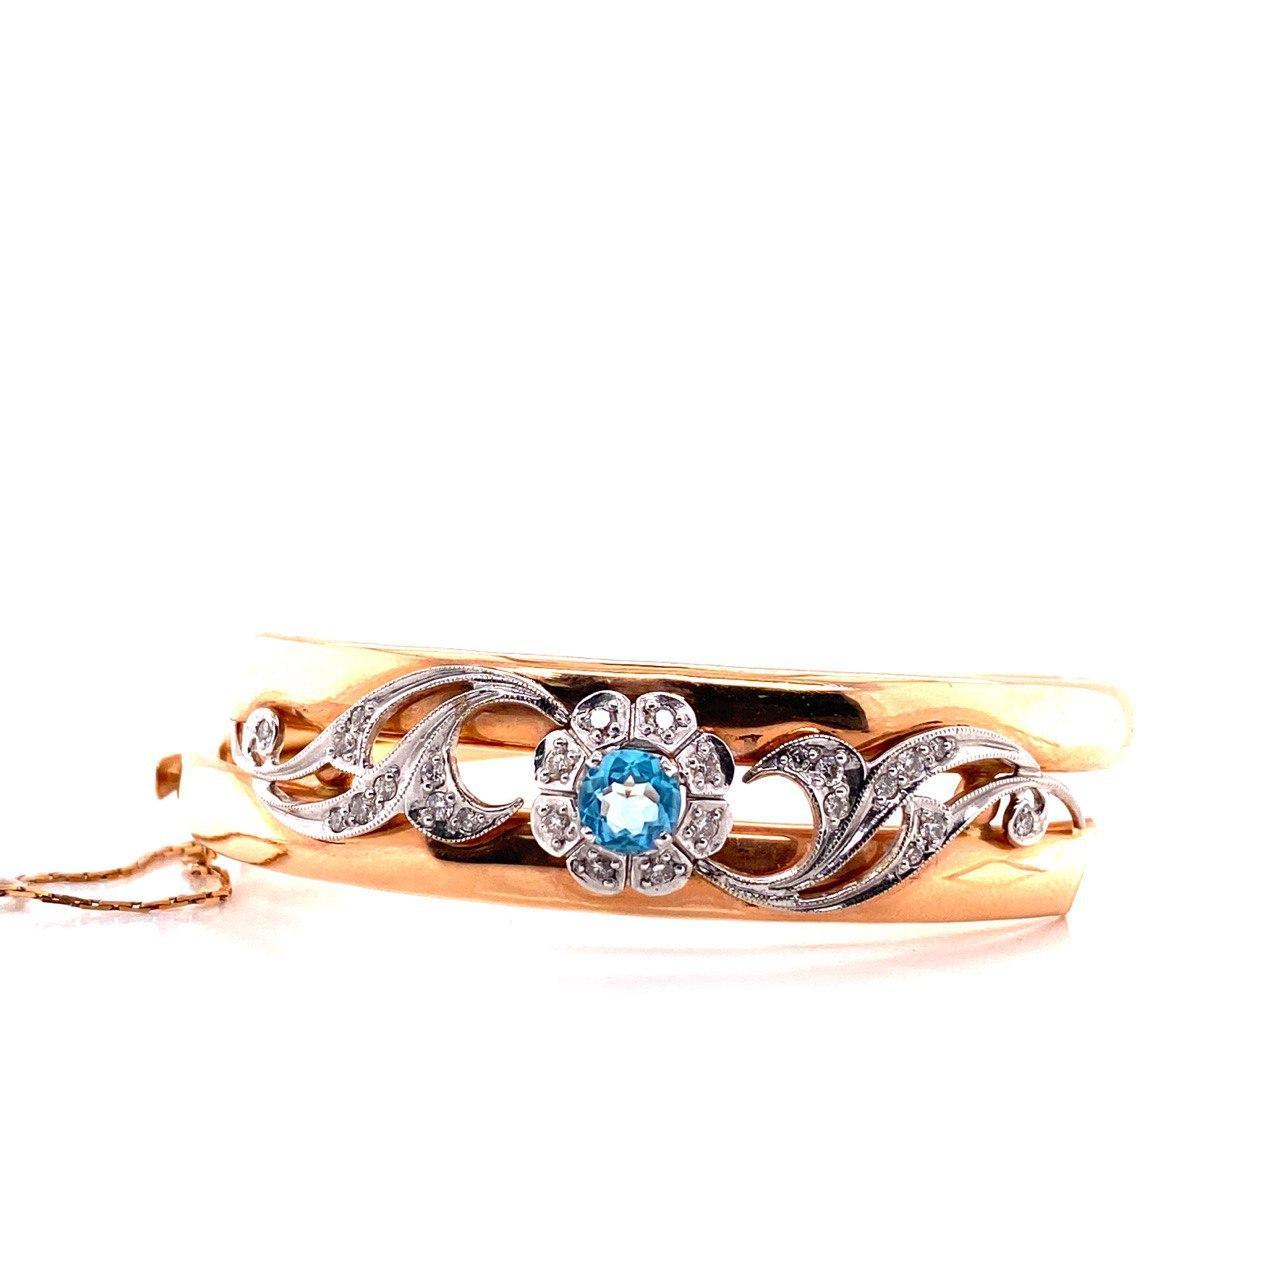 Жесткий браслет из золота с бриллиантом и топазом арт. г2884 г2884